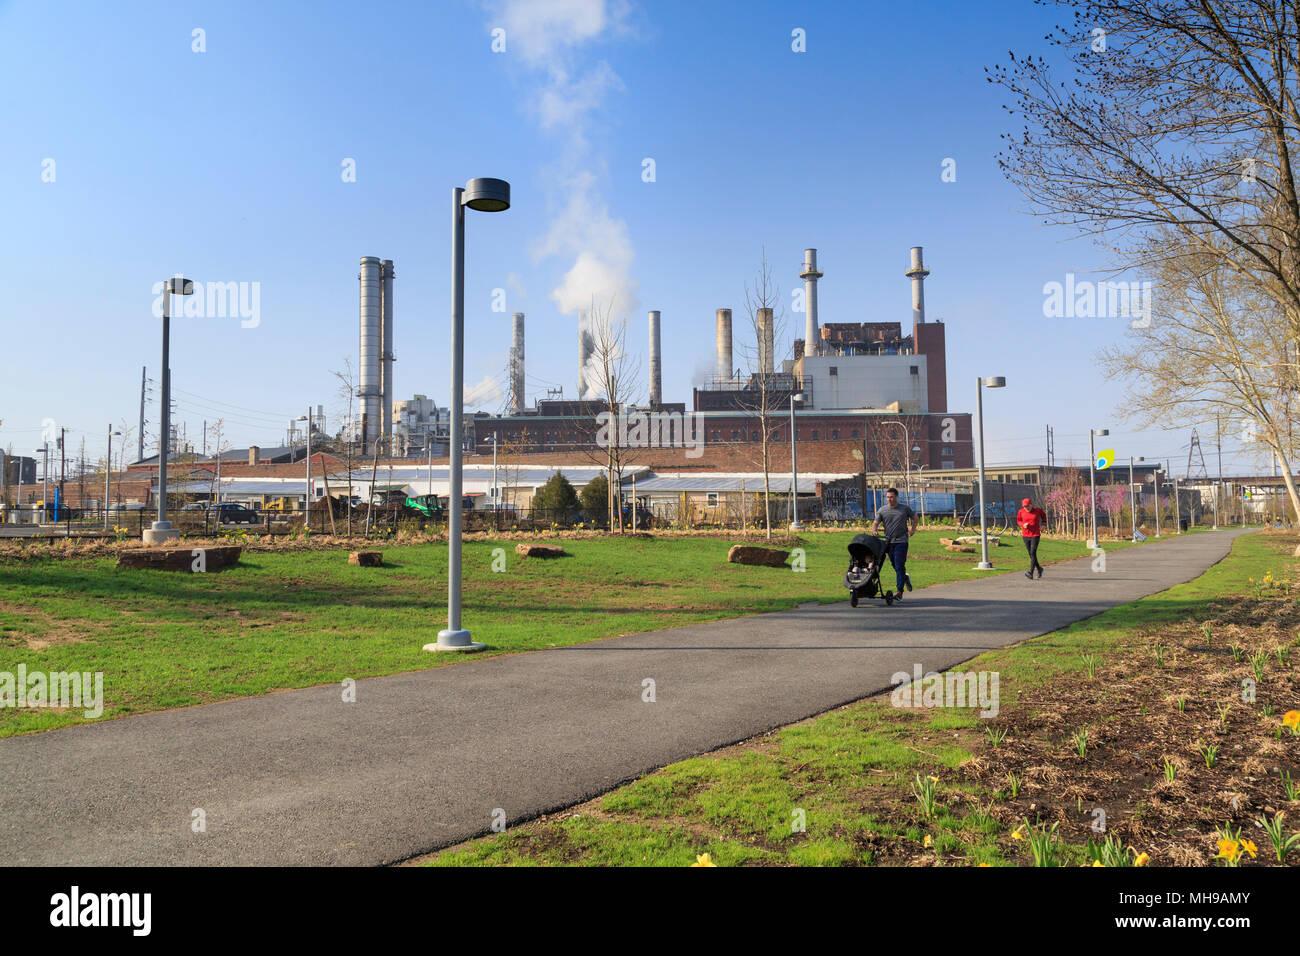 Chemin des loisirs Banques Schuylkill revitalisé en zone industrielle avec Veolia Énergie thermique Usine, Philadelphie , Pennsylvanie, USA Photo Stock